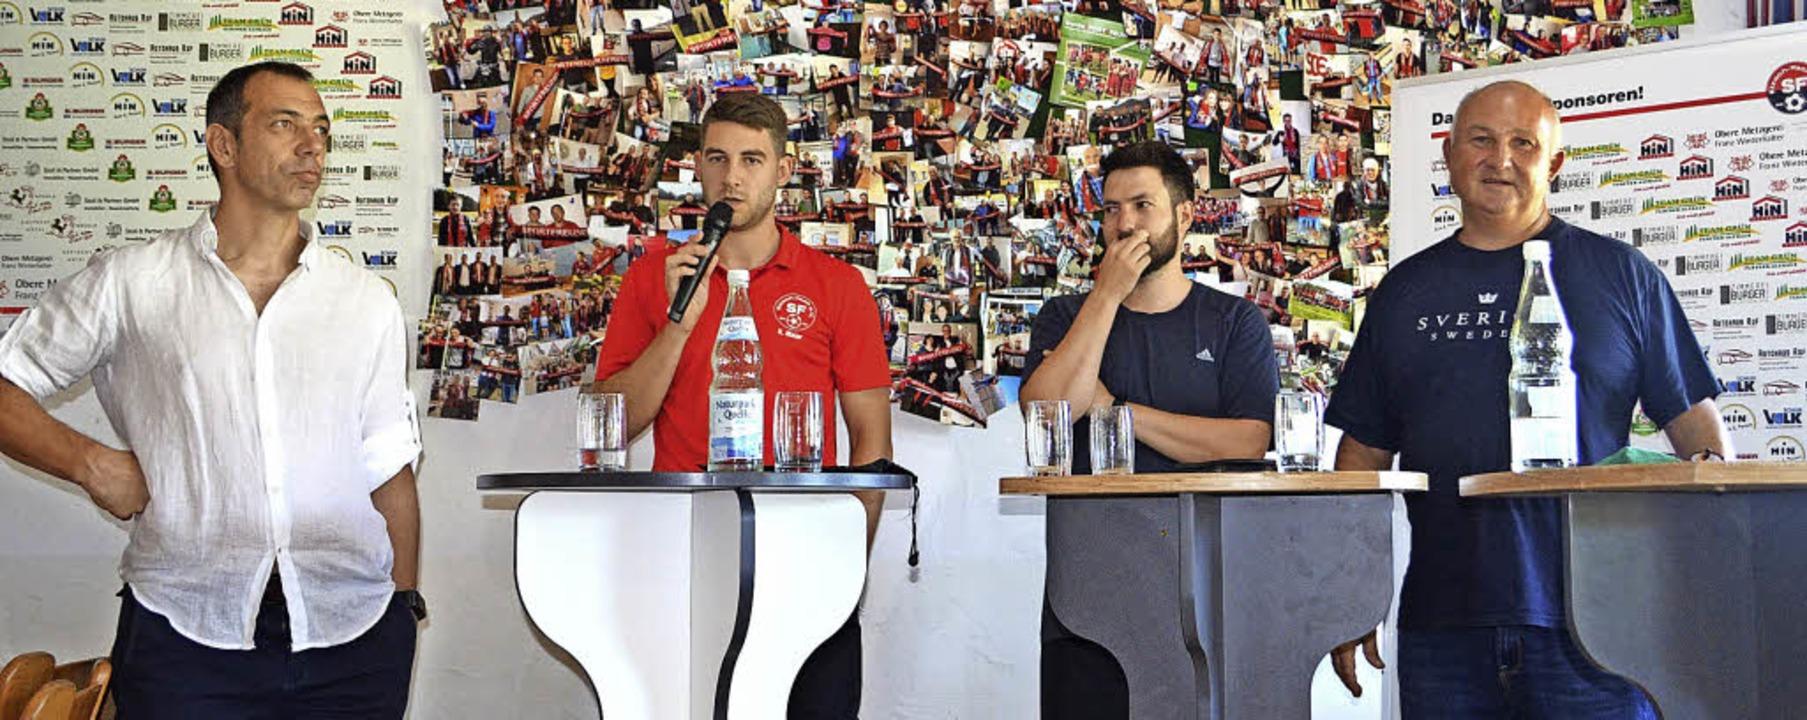 Pressekonferenz im Clubheim vor der Fo...ressebeauftragter der SF (von links).   | Foto: Fotos: Nikolaus Bayer